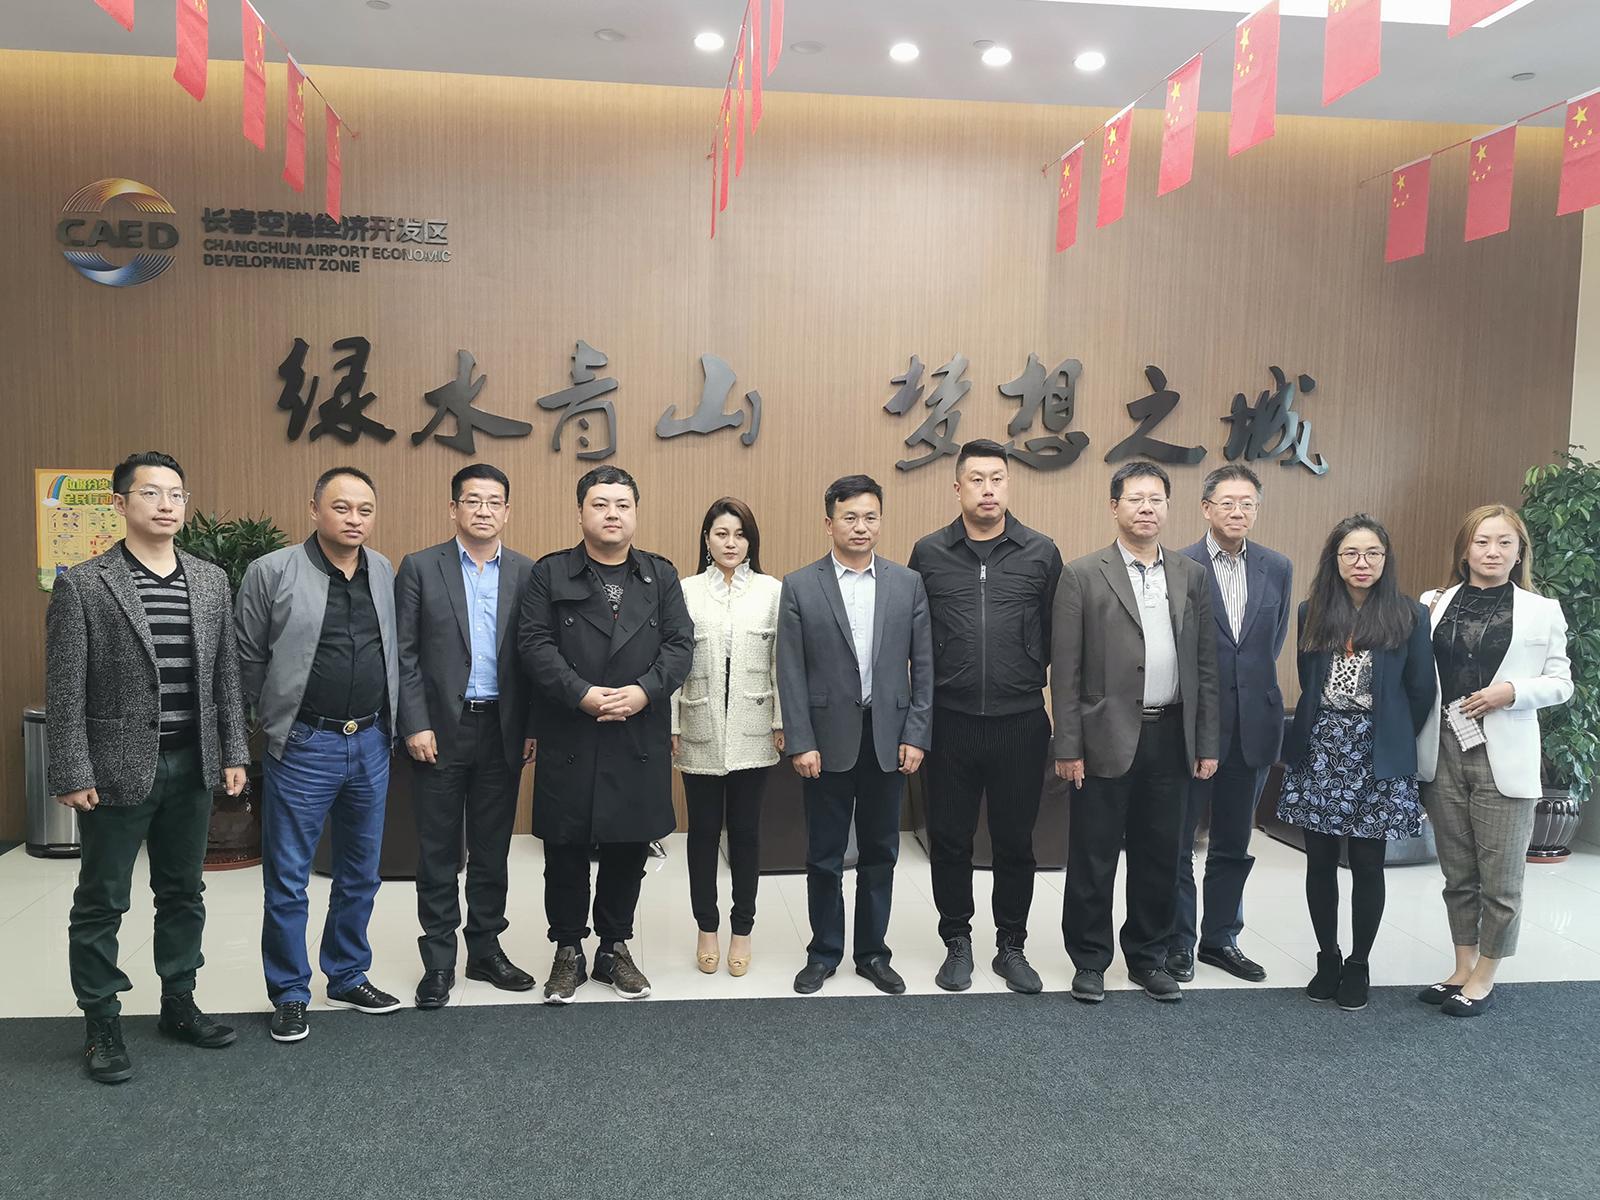 2019年10月9日與吉林長春空港經濟開發區簽訂戰略合作協議